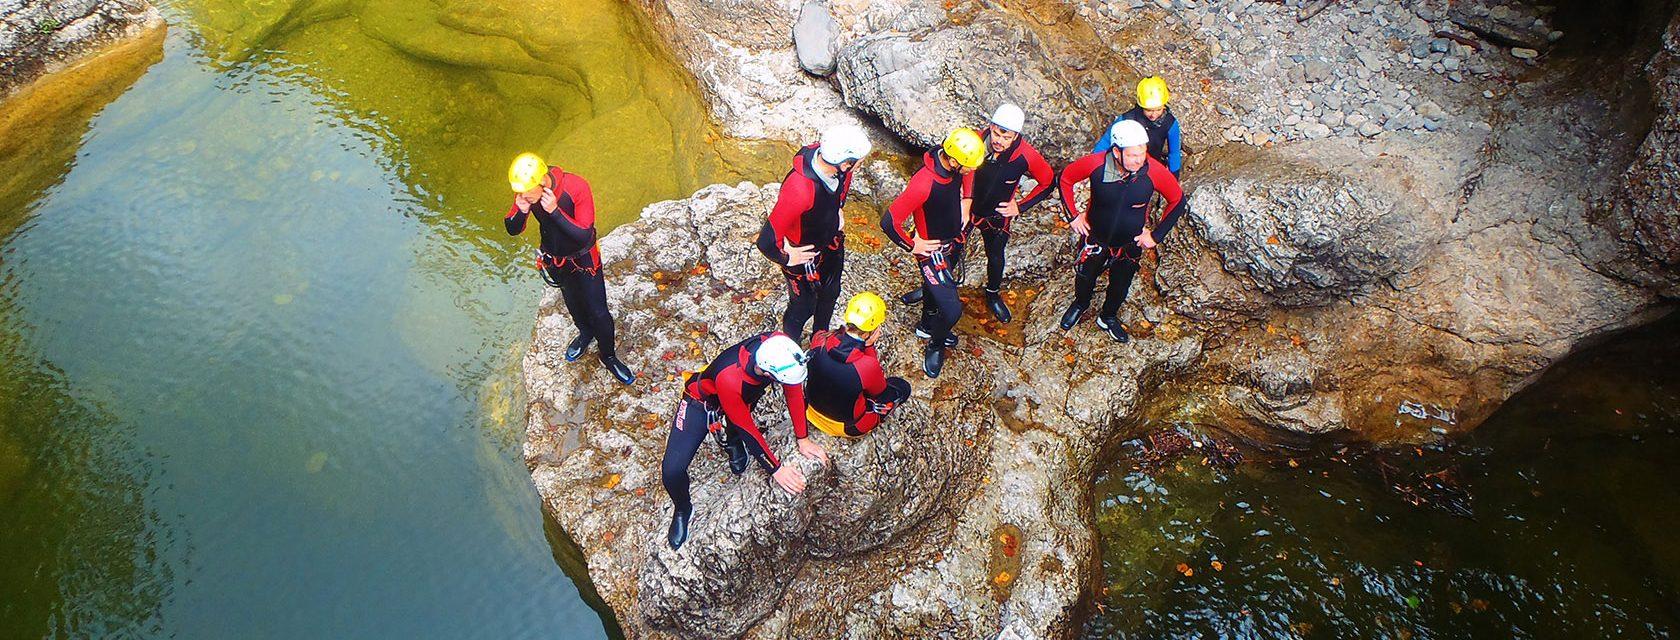 Canyoning finde dein Abenteuer